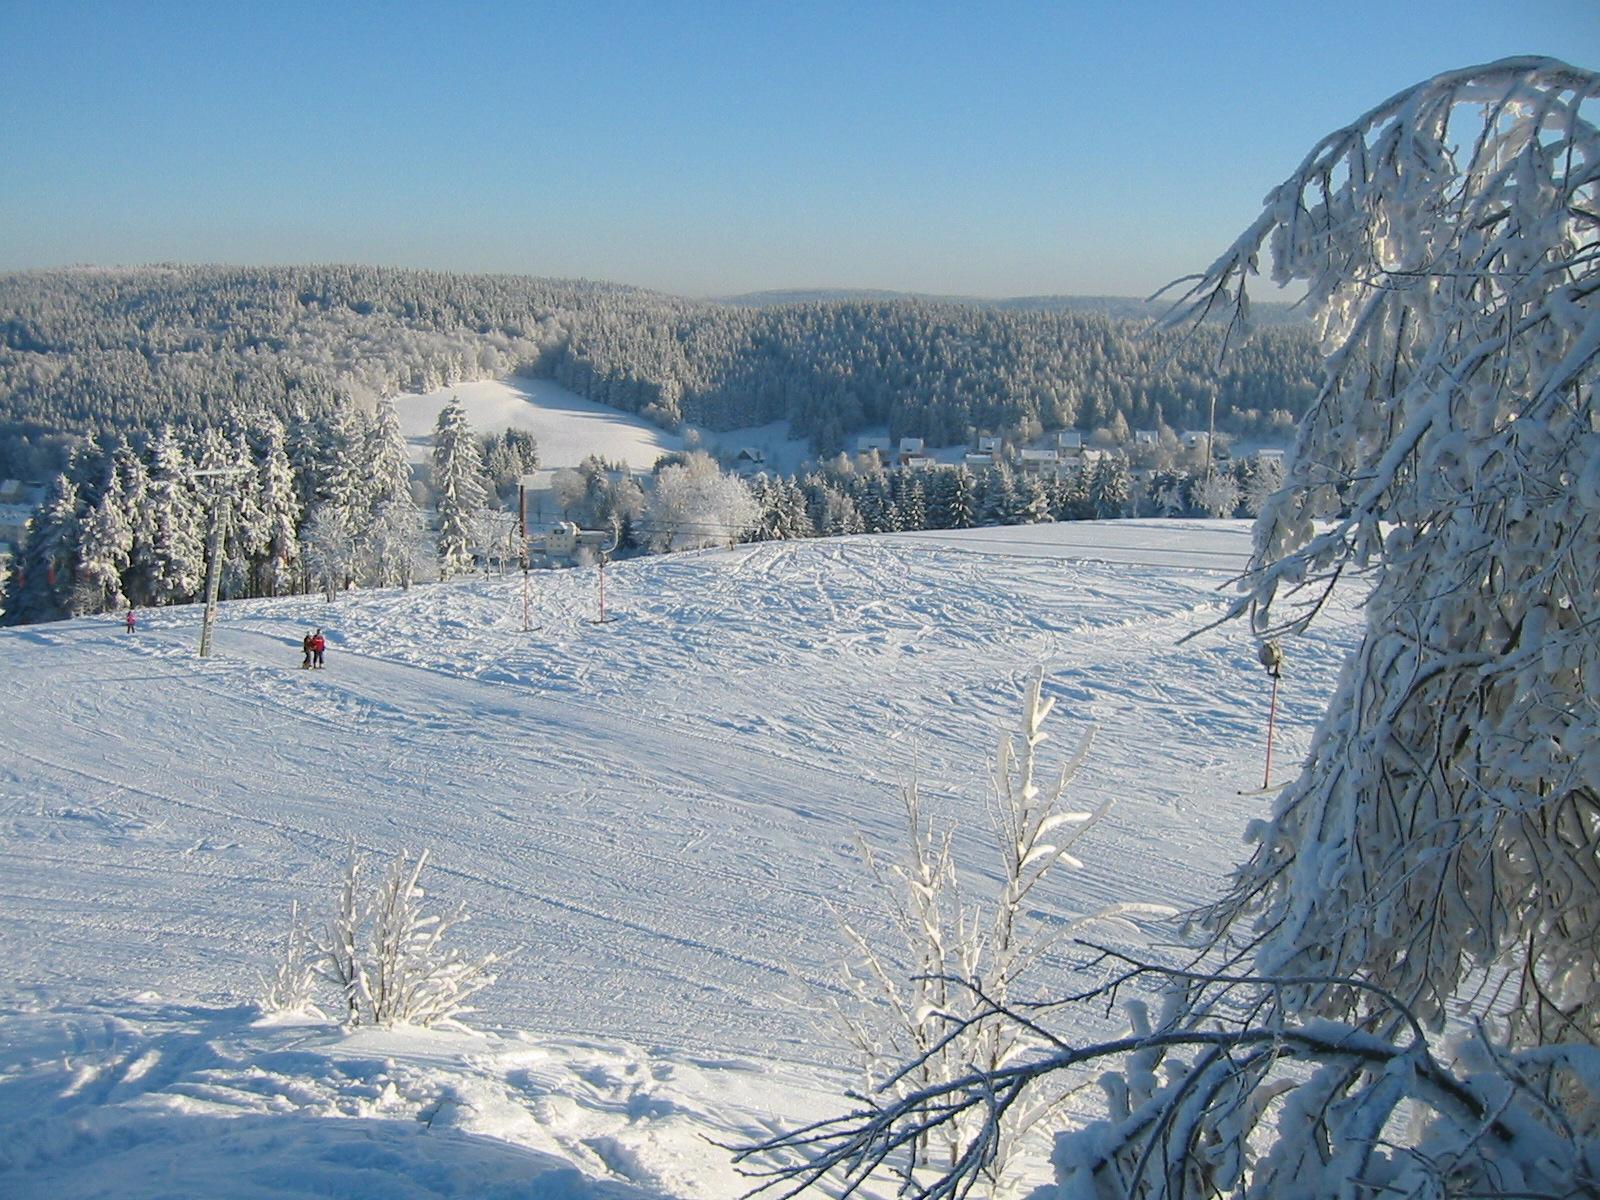 Sunny day in Tettau / Frankenwald